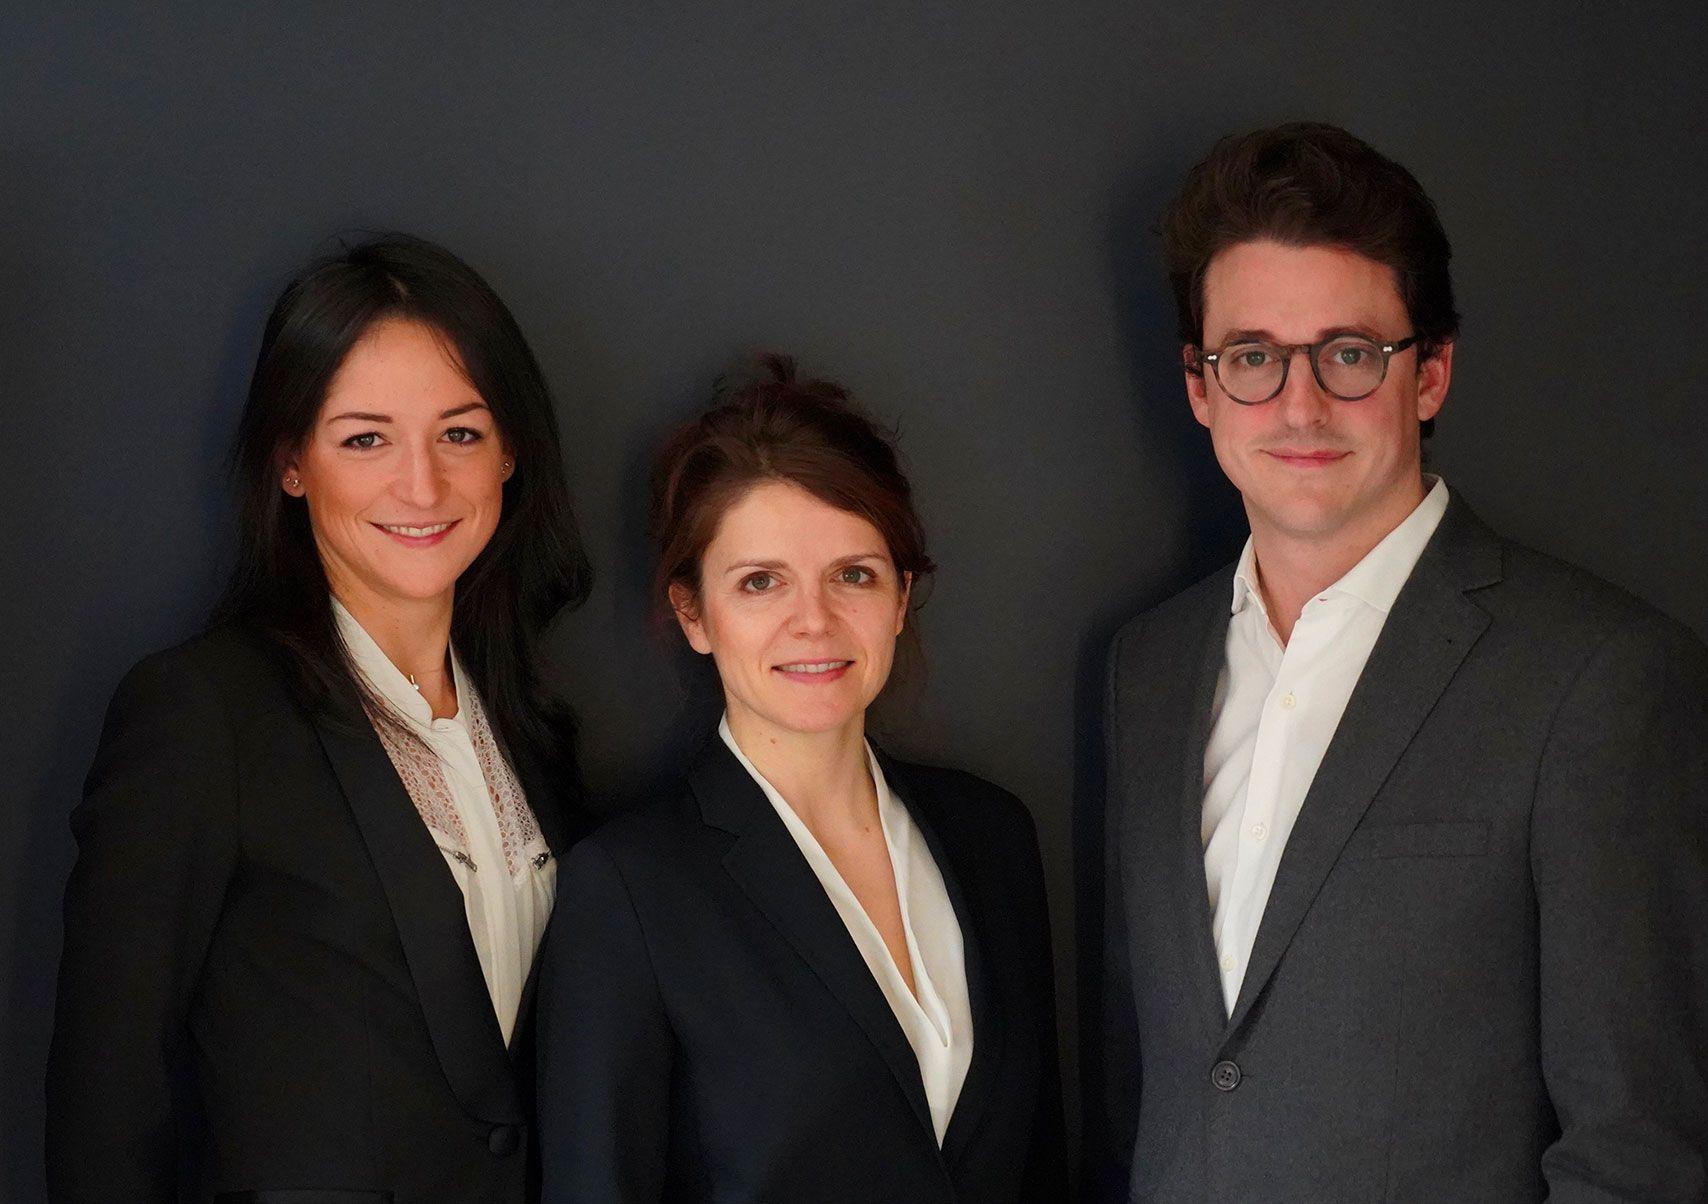 L'équipe pluridisciplinaire du centre ophtalmologique COSS à Paris 5